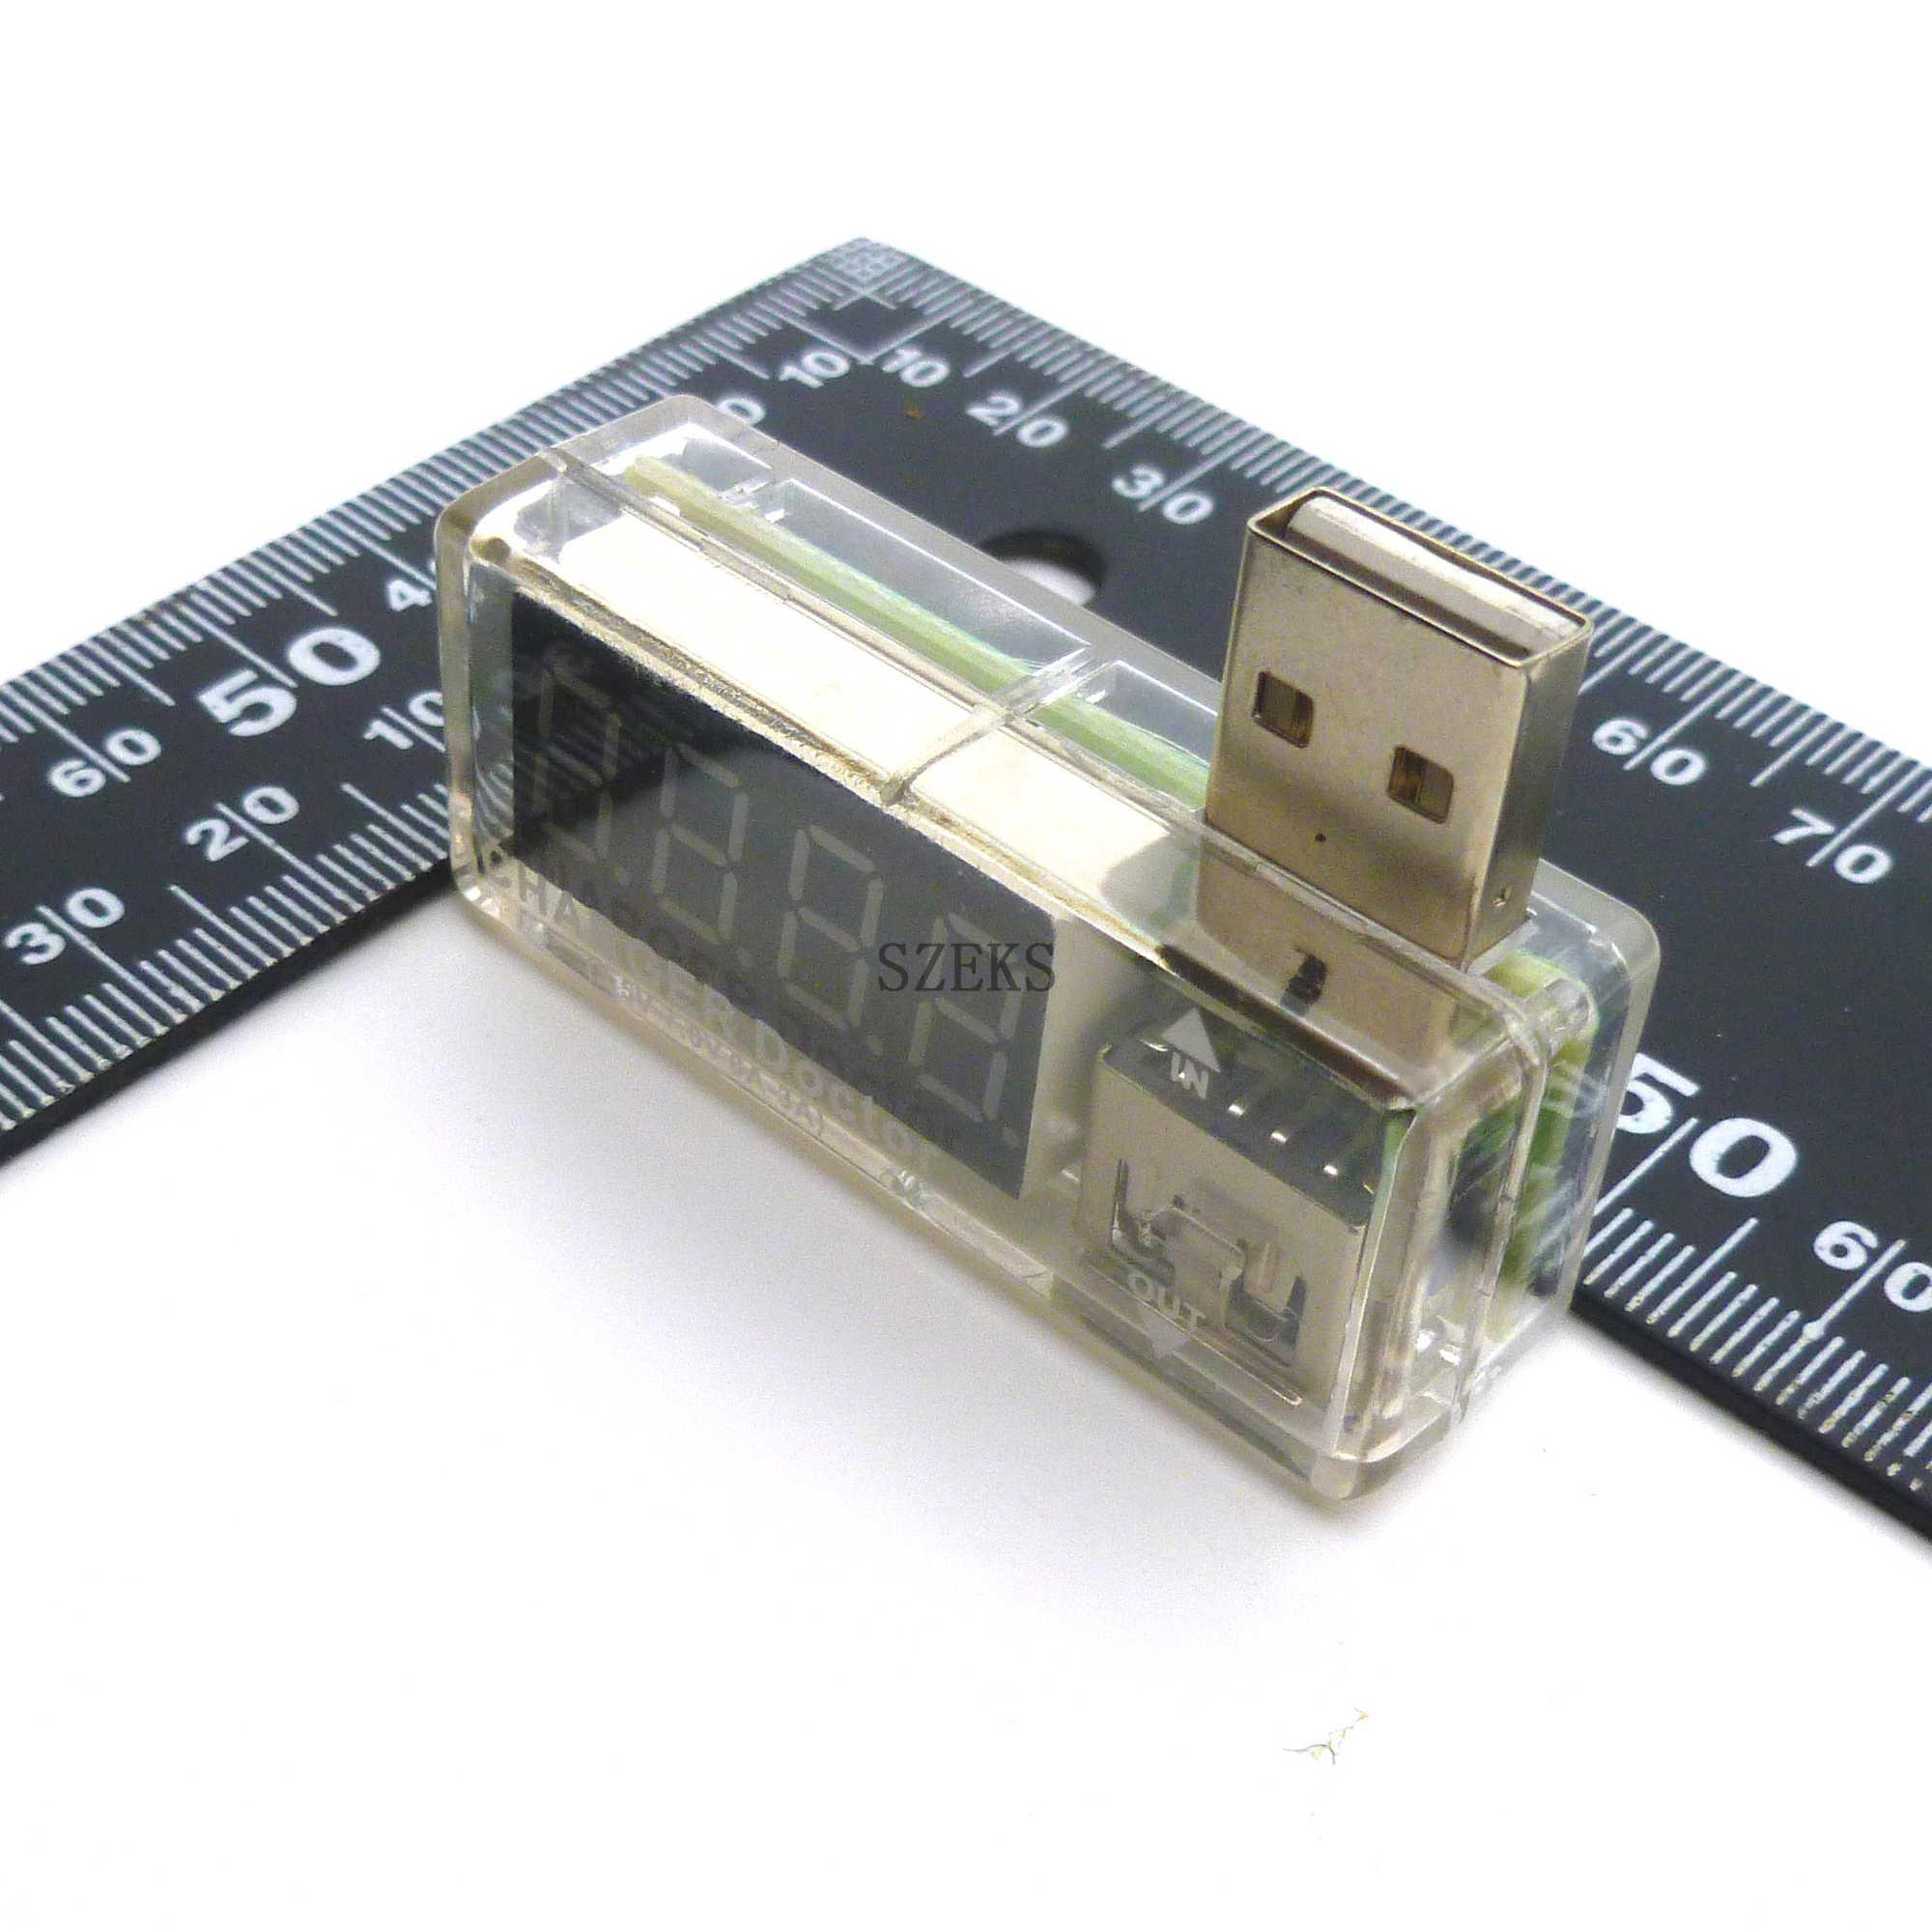 Appareil de contrôle de tension de courant de charge de puissance Mobile USB numérique blanc Mini USB chargeur médecin voltmètre ammete